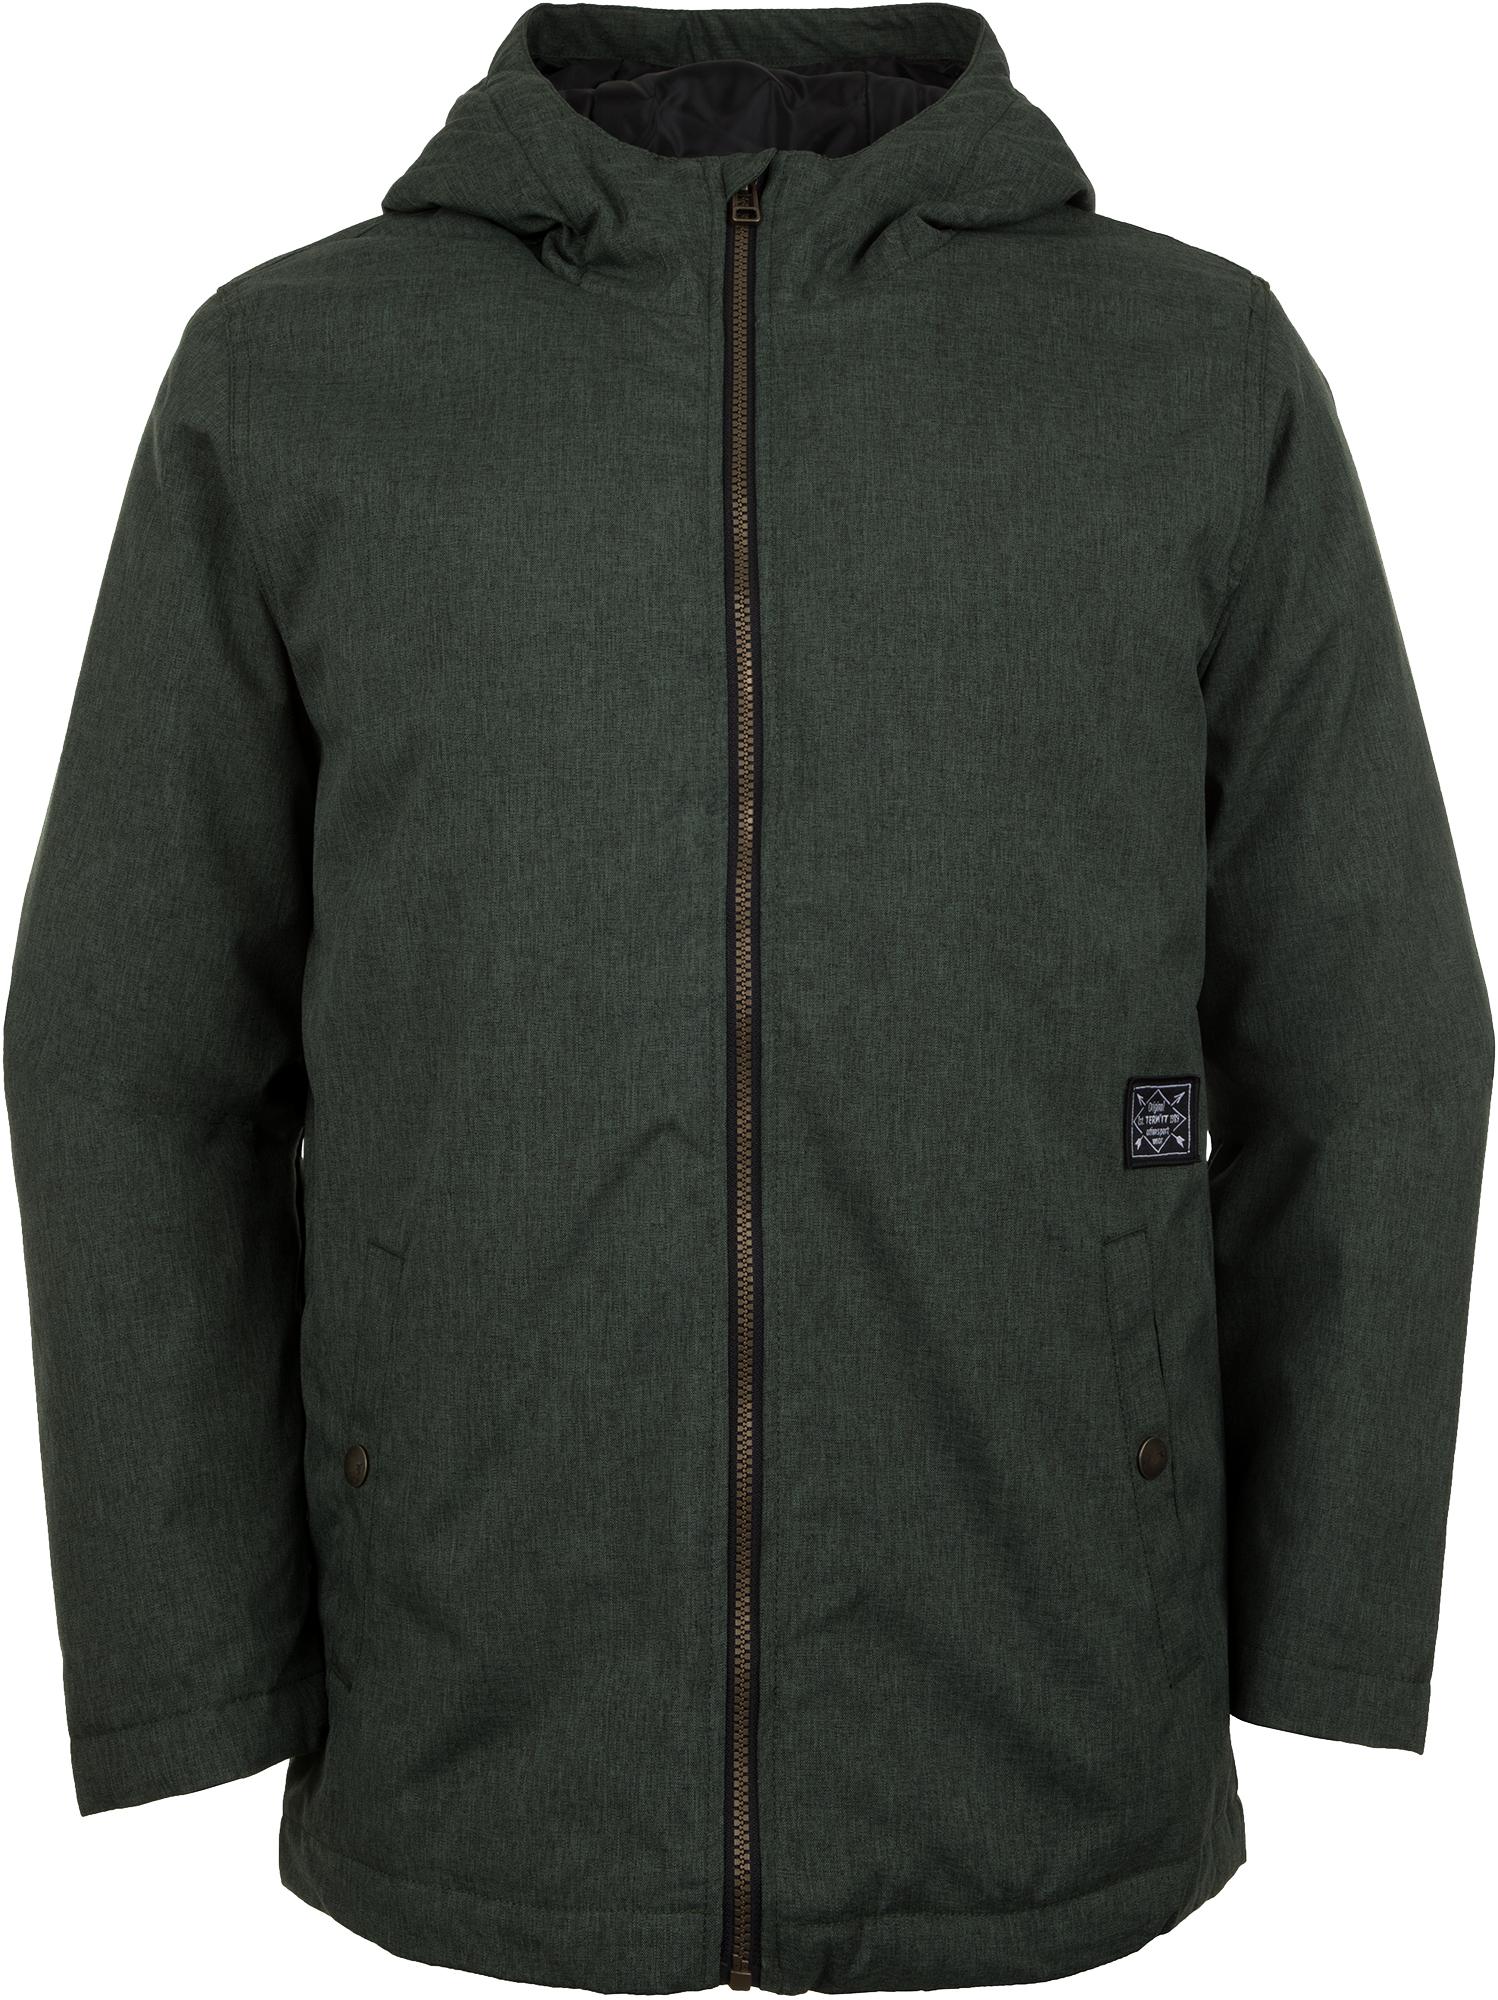 Termit Куртка утепленная мужская Termit, размер 50